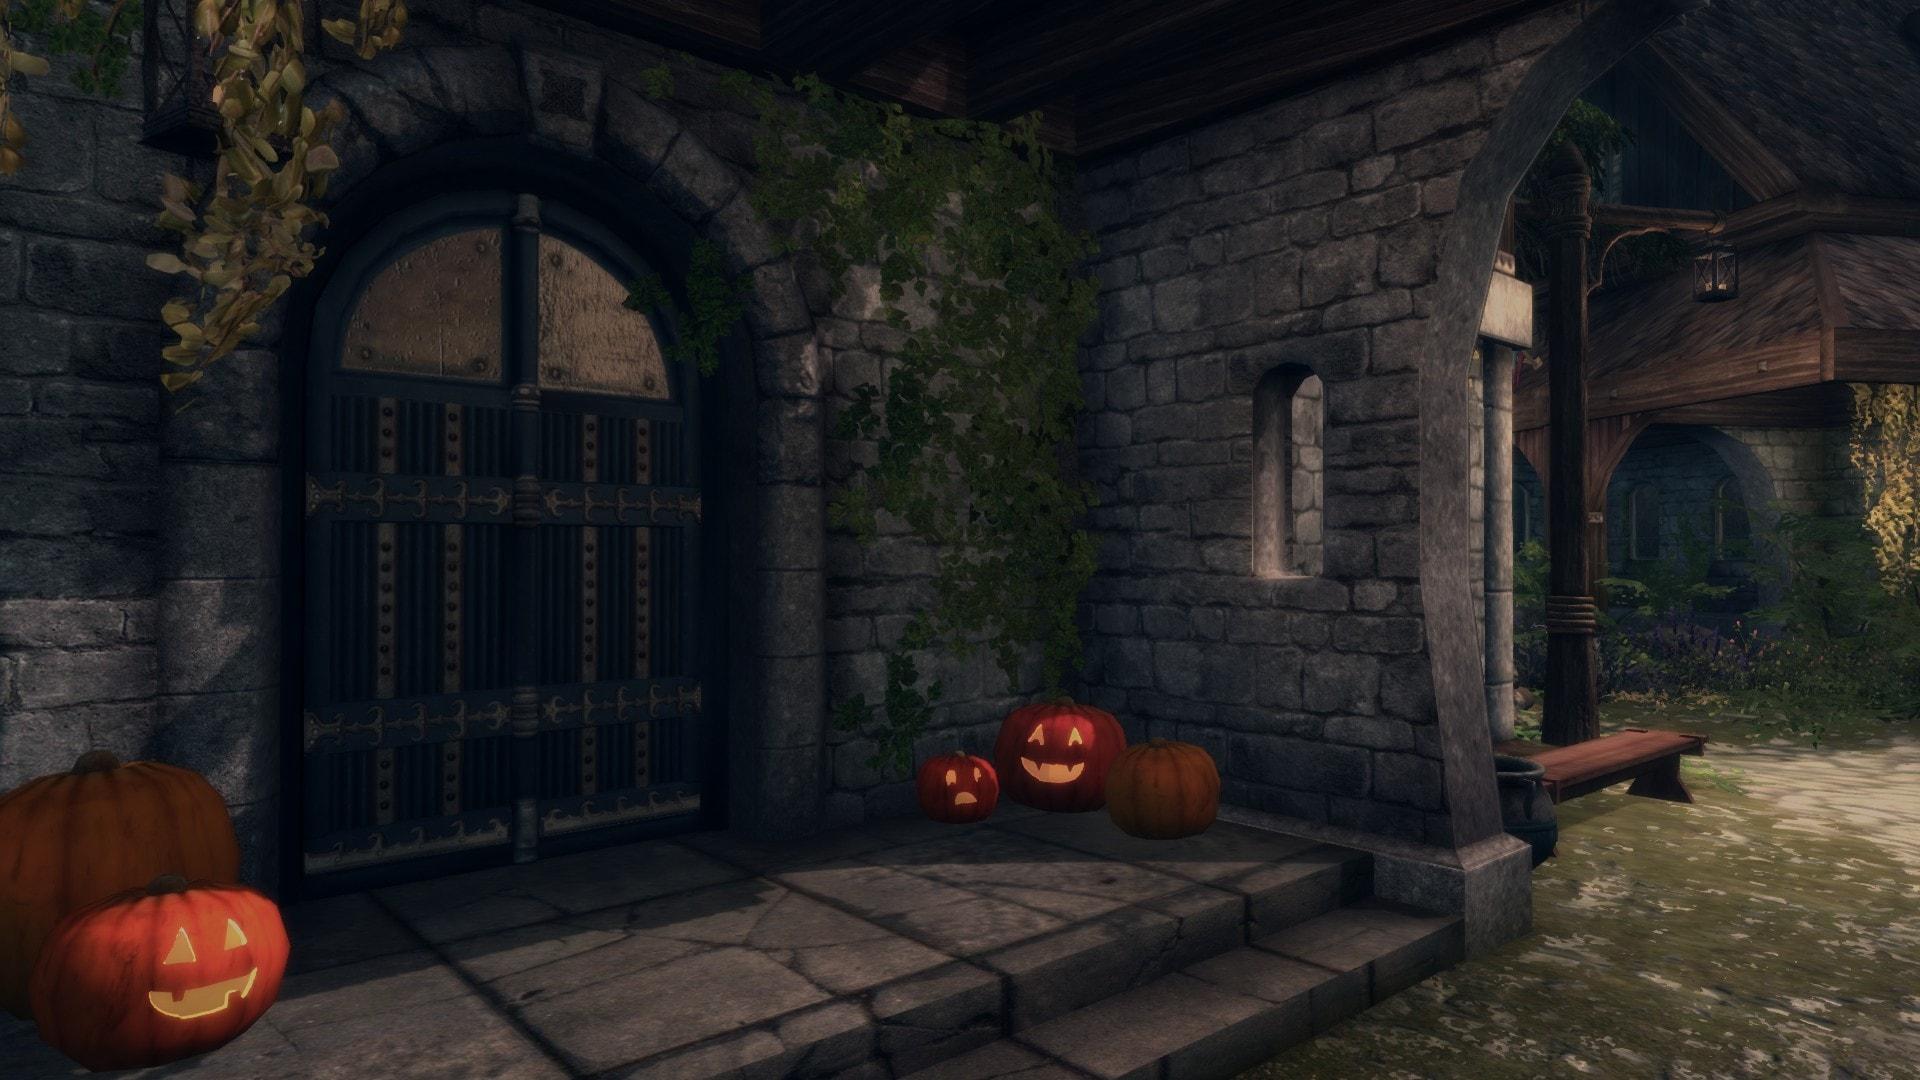 Halloween In Skyrim - Even More Pumpkins